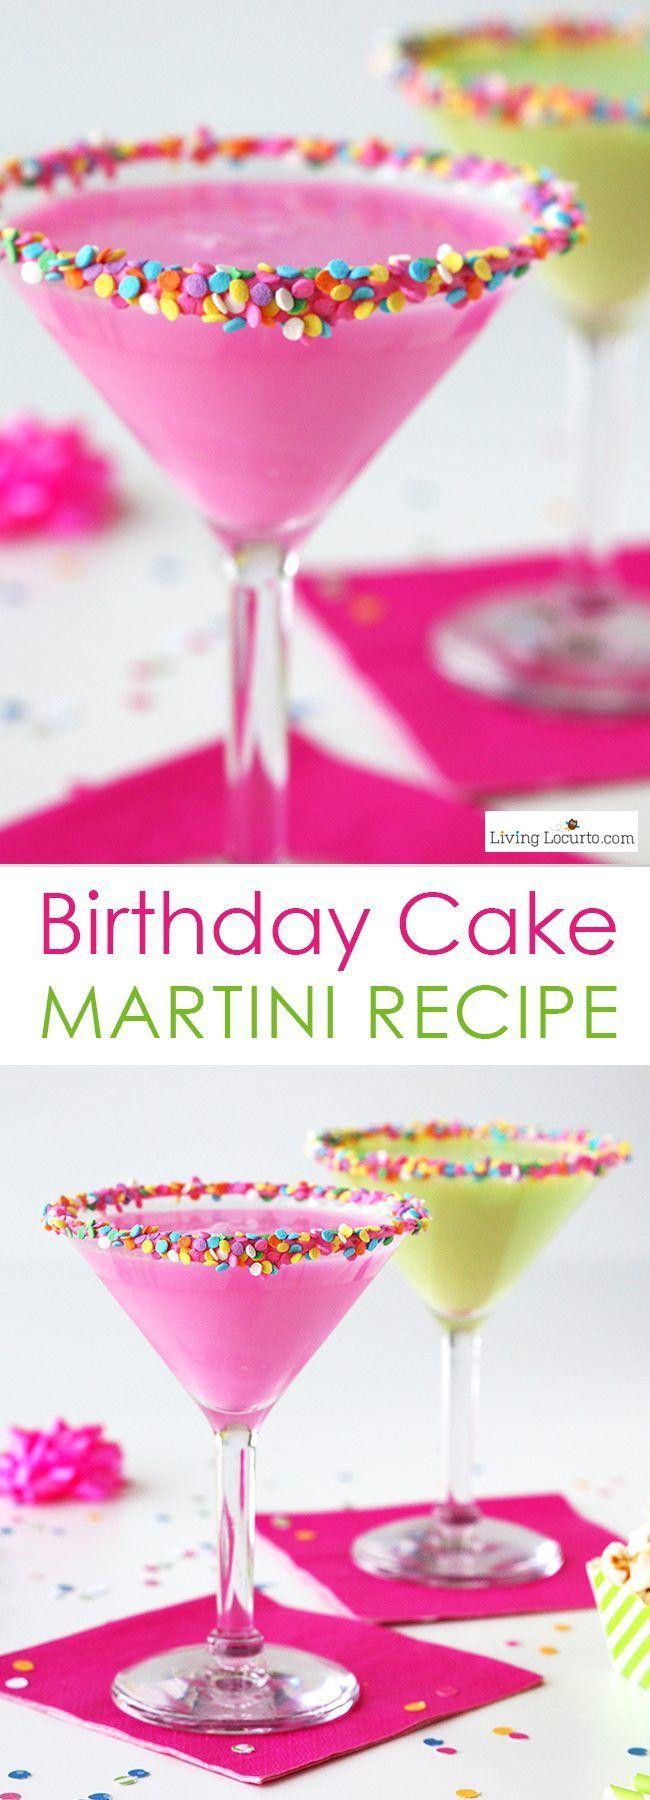 Pin by Alana Hurt on Happy Birthday Pinterest Birthday cake